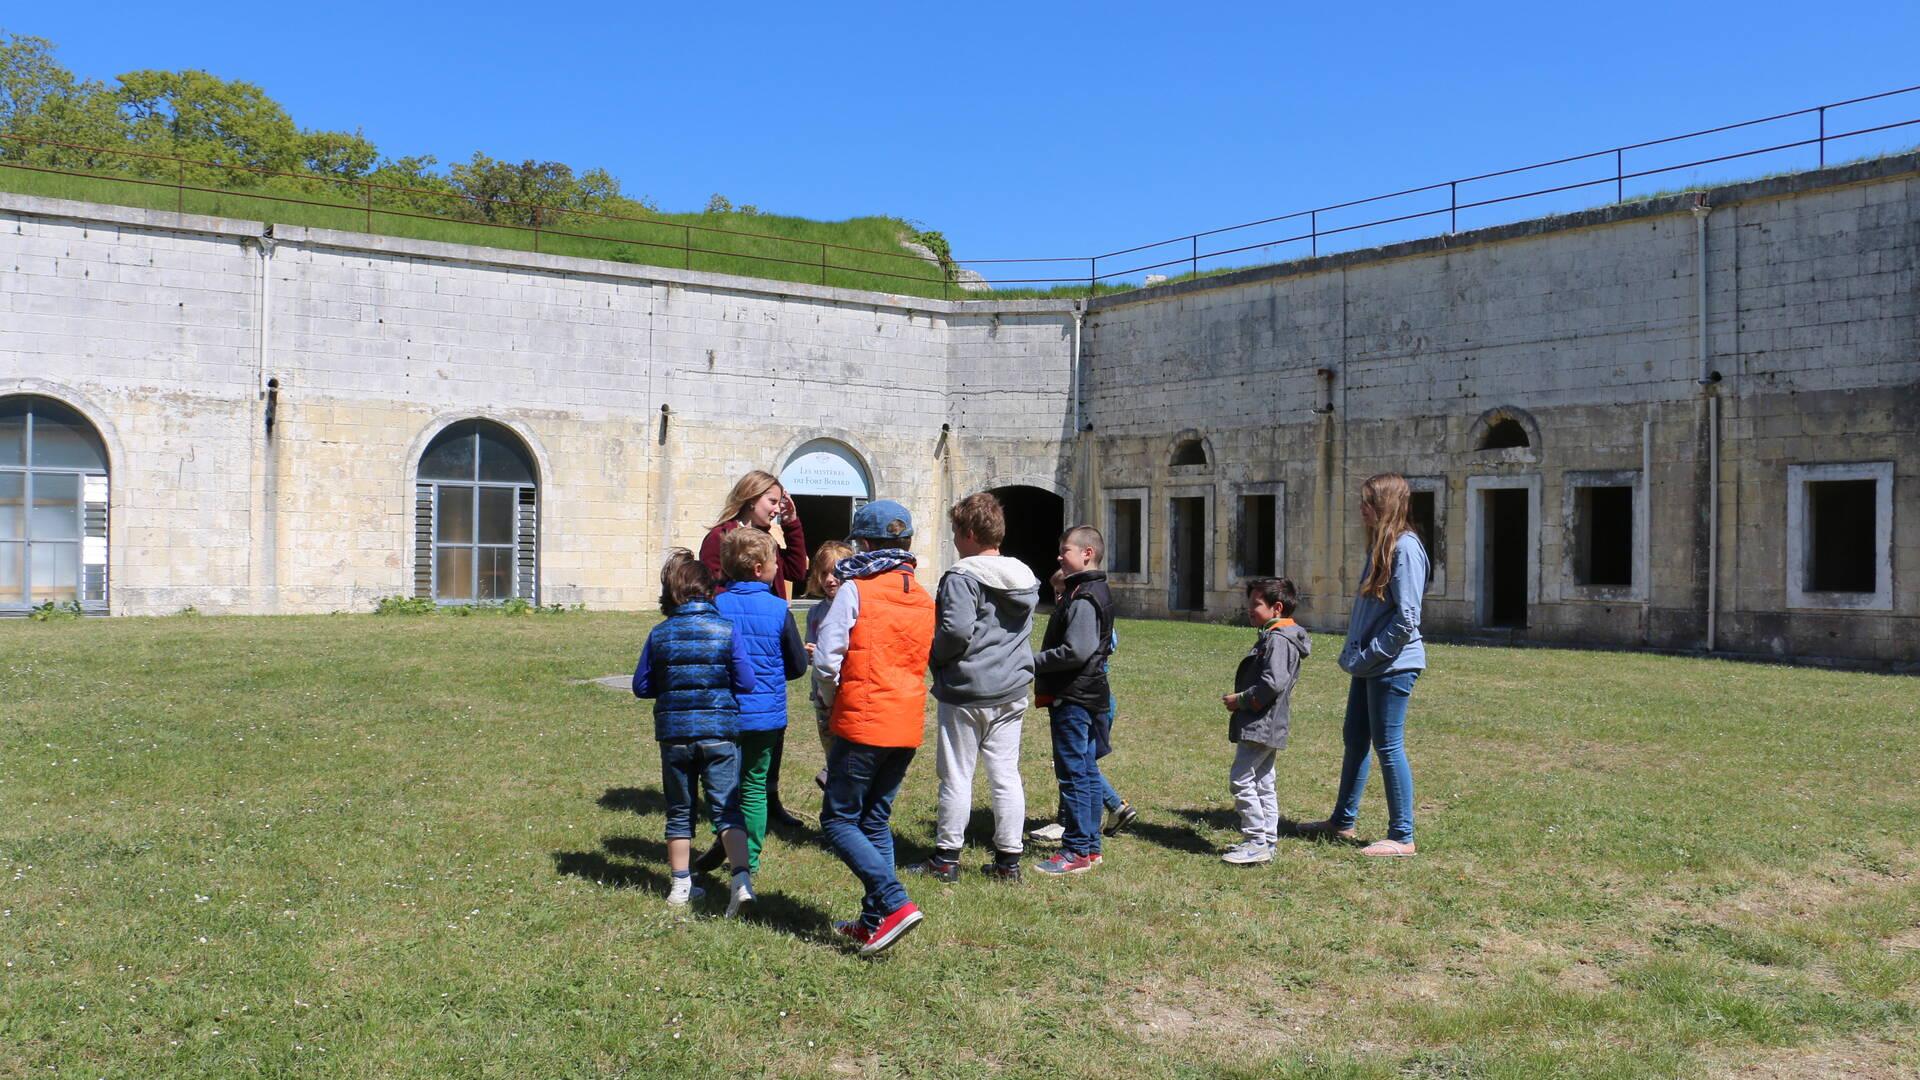 Aventure créative au fort Liédot, île d'Aix © M. Domenici